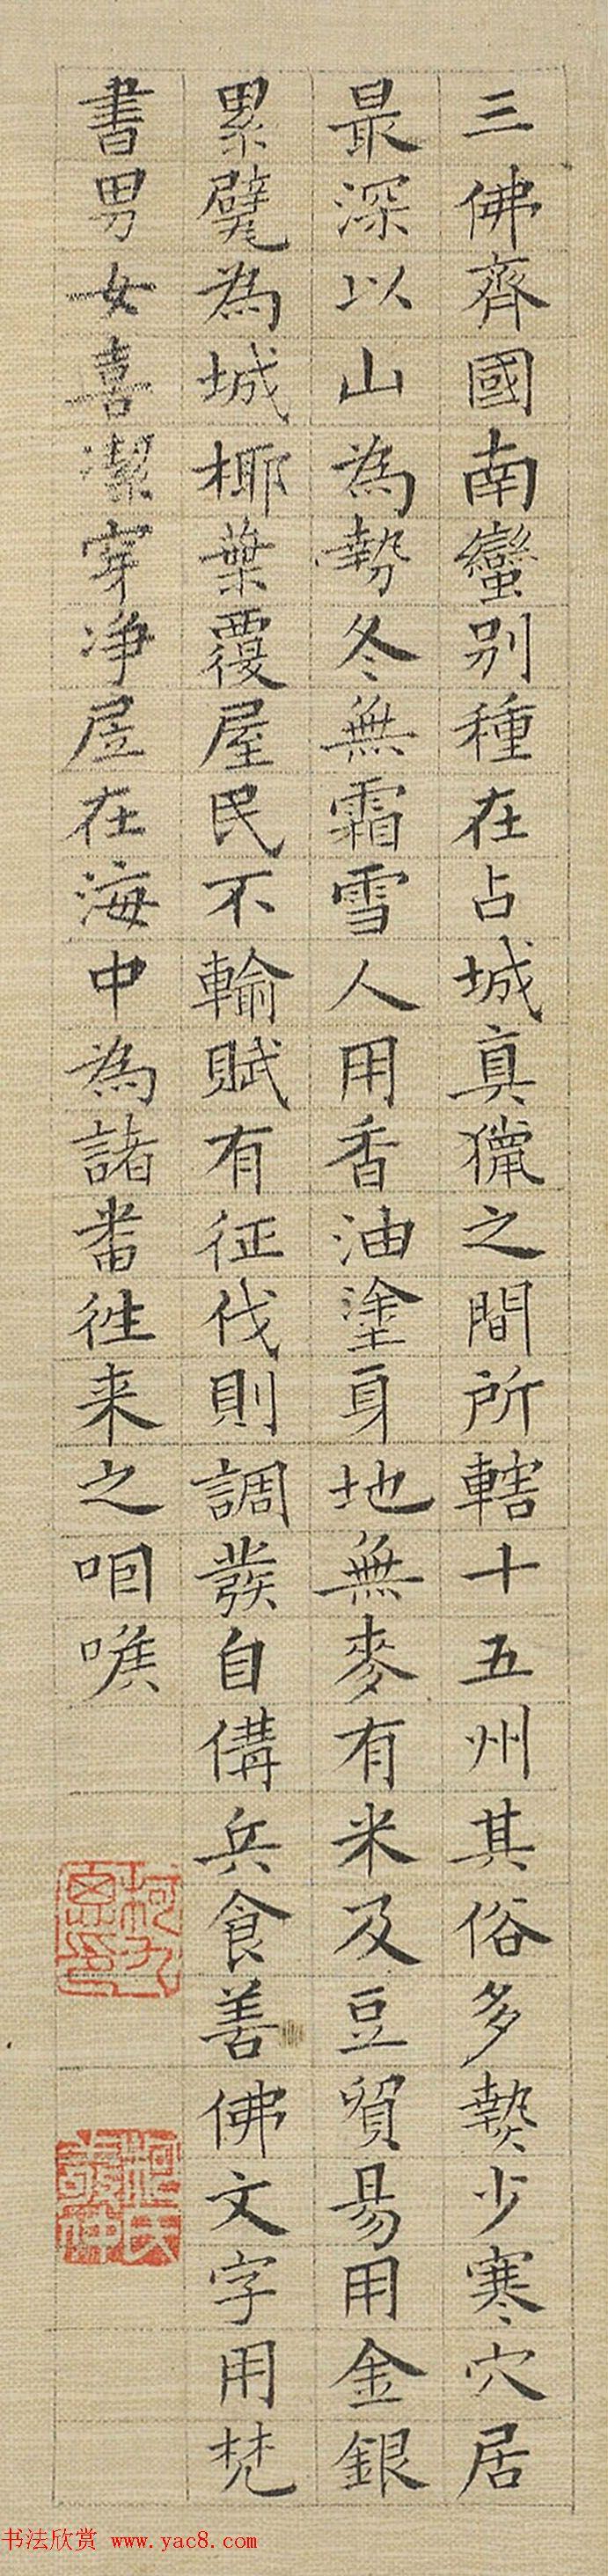 柯九思小楷书法作品9幅(绢本)